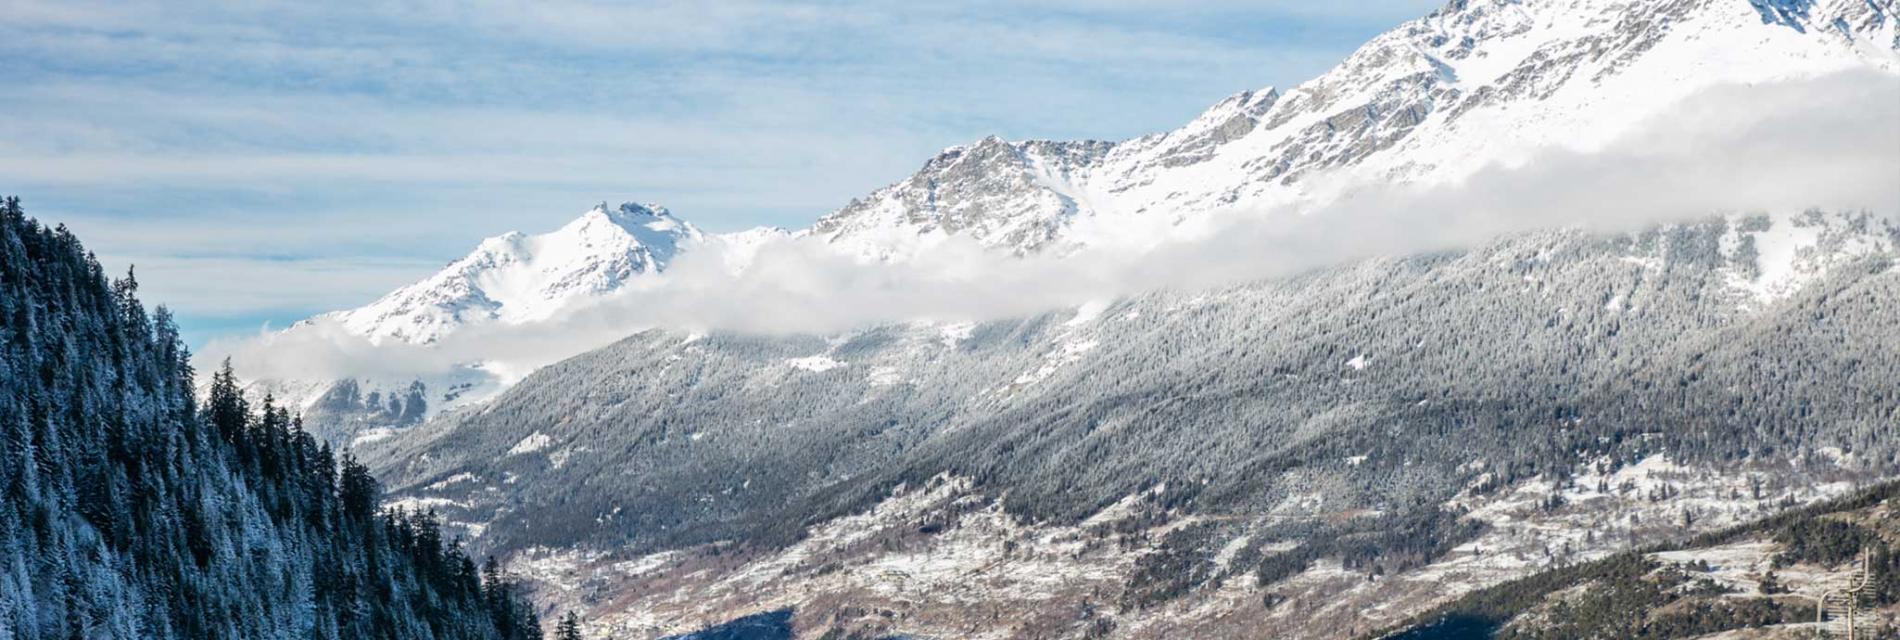 Slide paysages montagneux